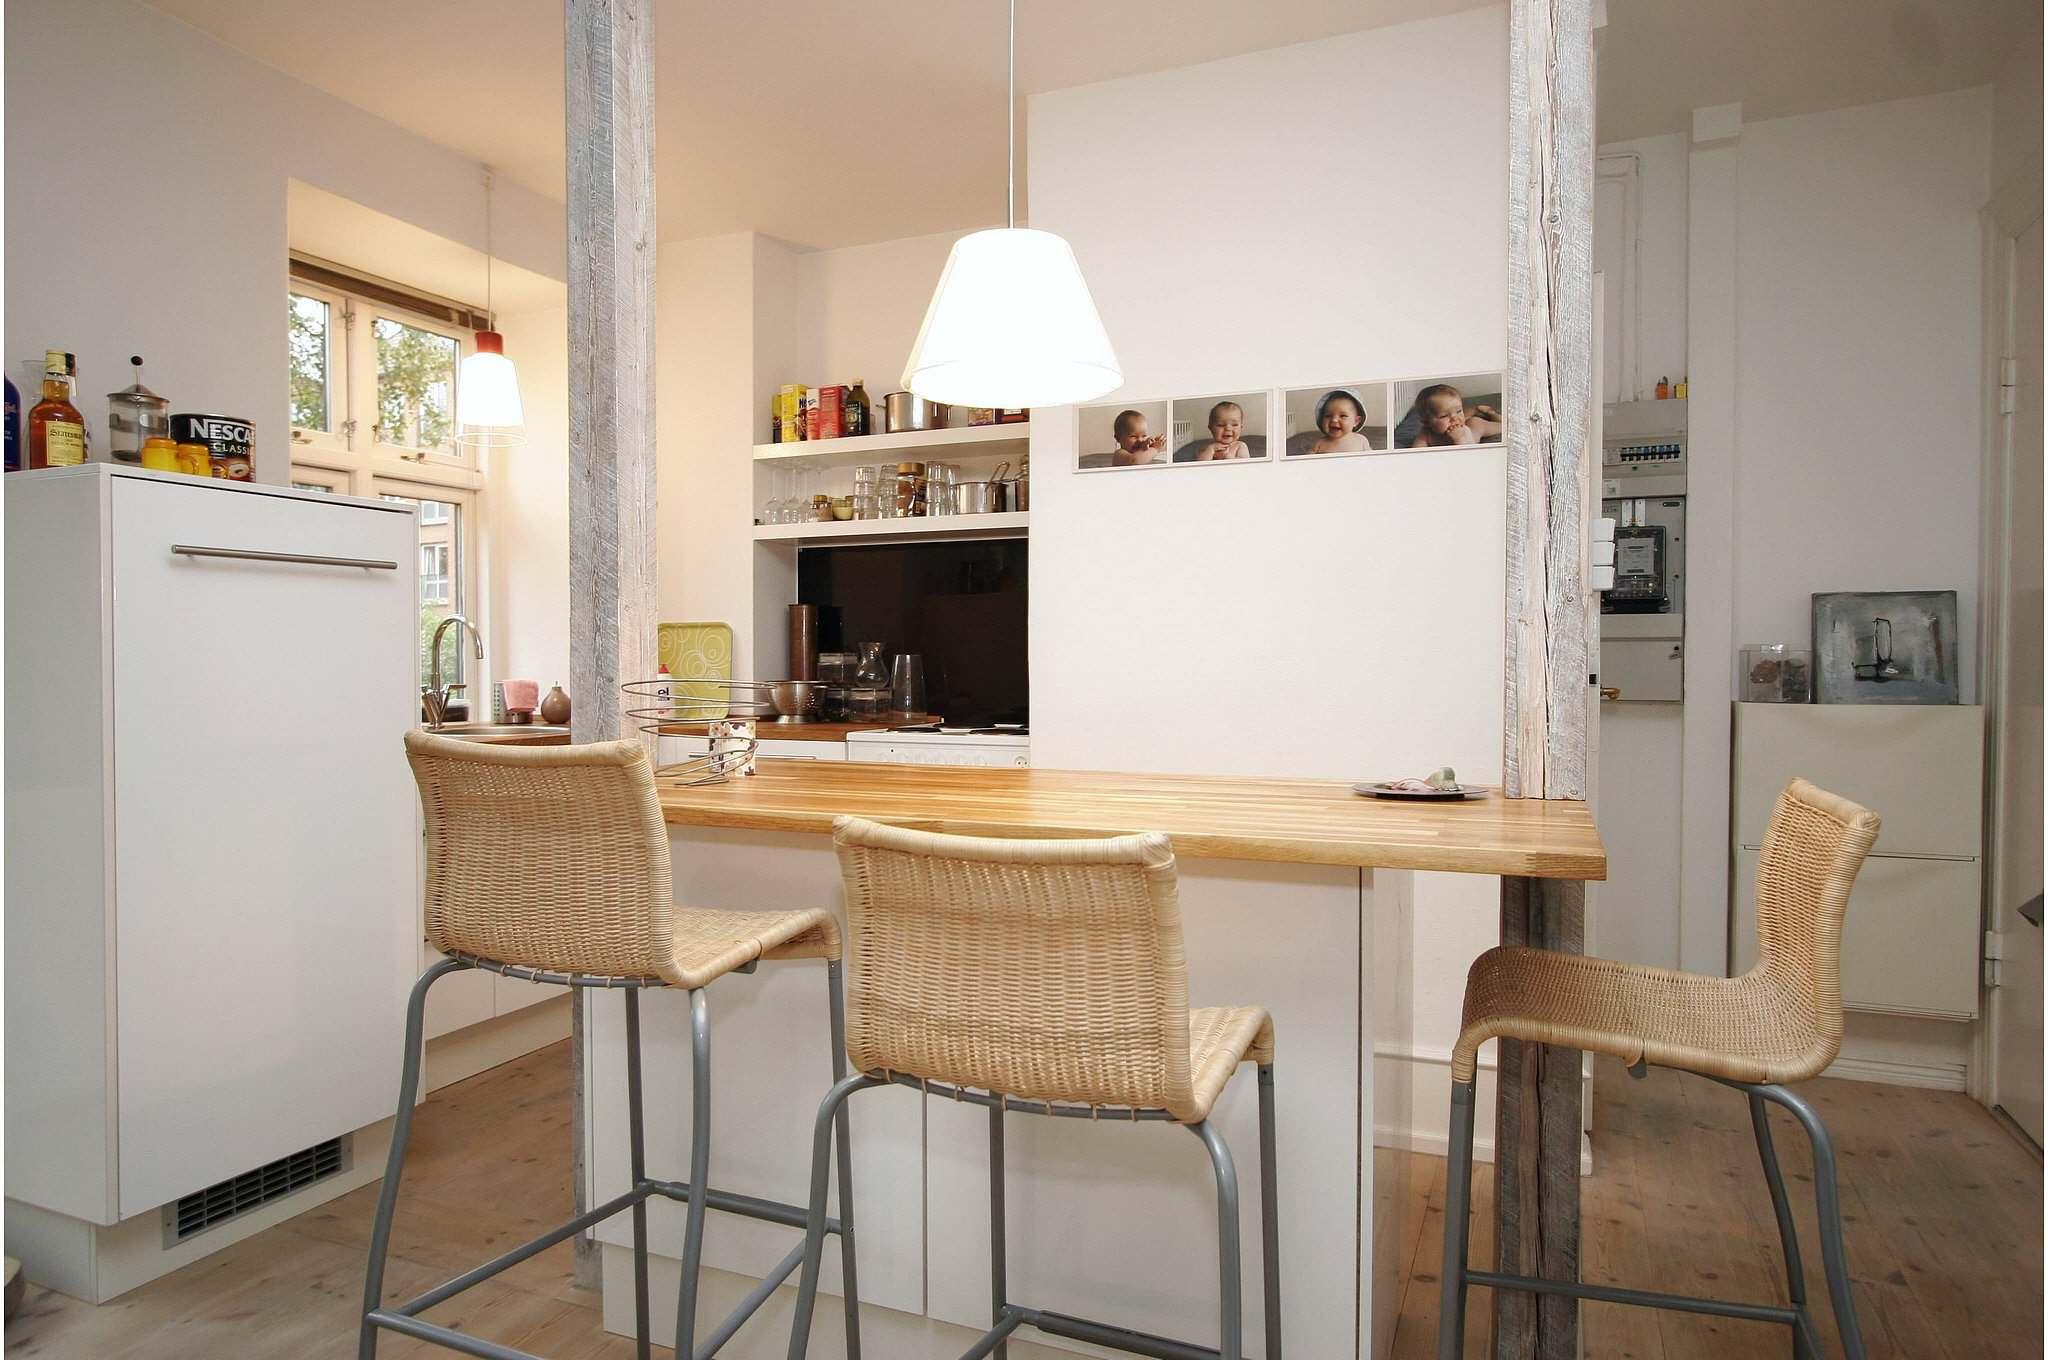 Åbent køkken   Det åbne køkken skaber en bedre rumstørrelse med en god spiseplads og ekstra bordplads ved madlavning i forhold til det gamle køkken. Skabe ved spisepladsen er på hjul og kan flyttes til en væg, så der er plads til gæster.